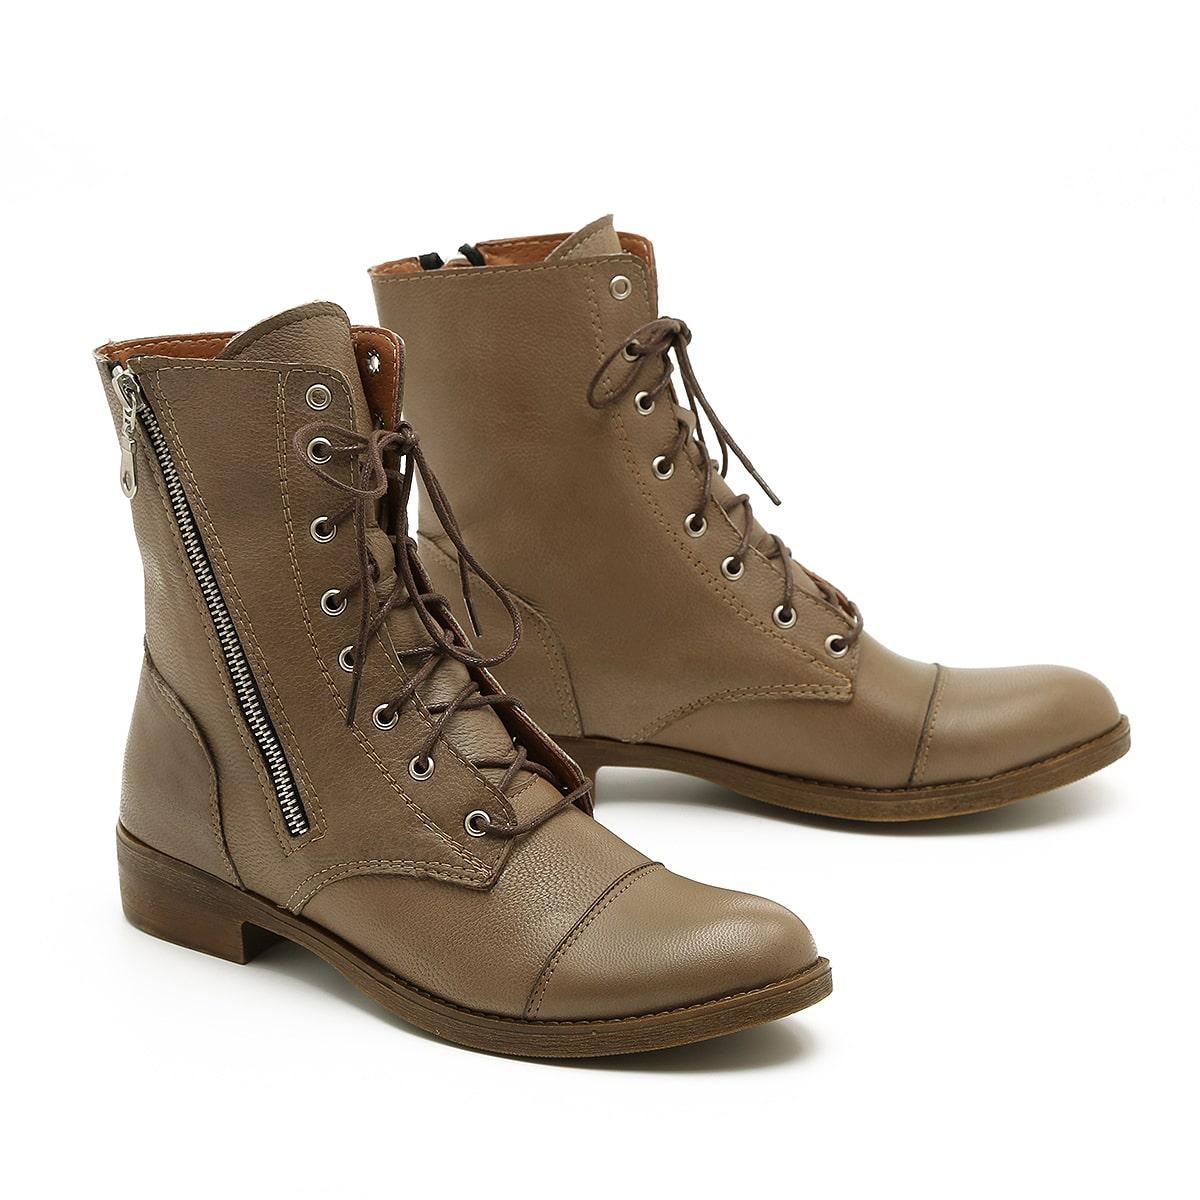 דגם ריצ'י: מגפיים לנשים